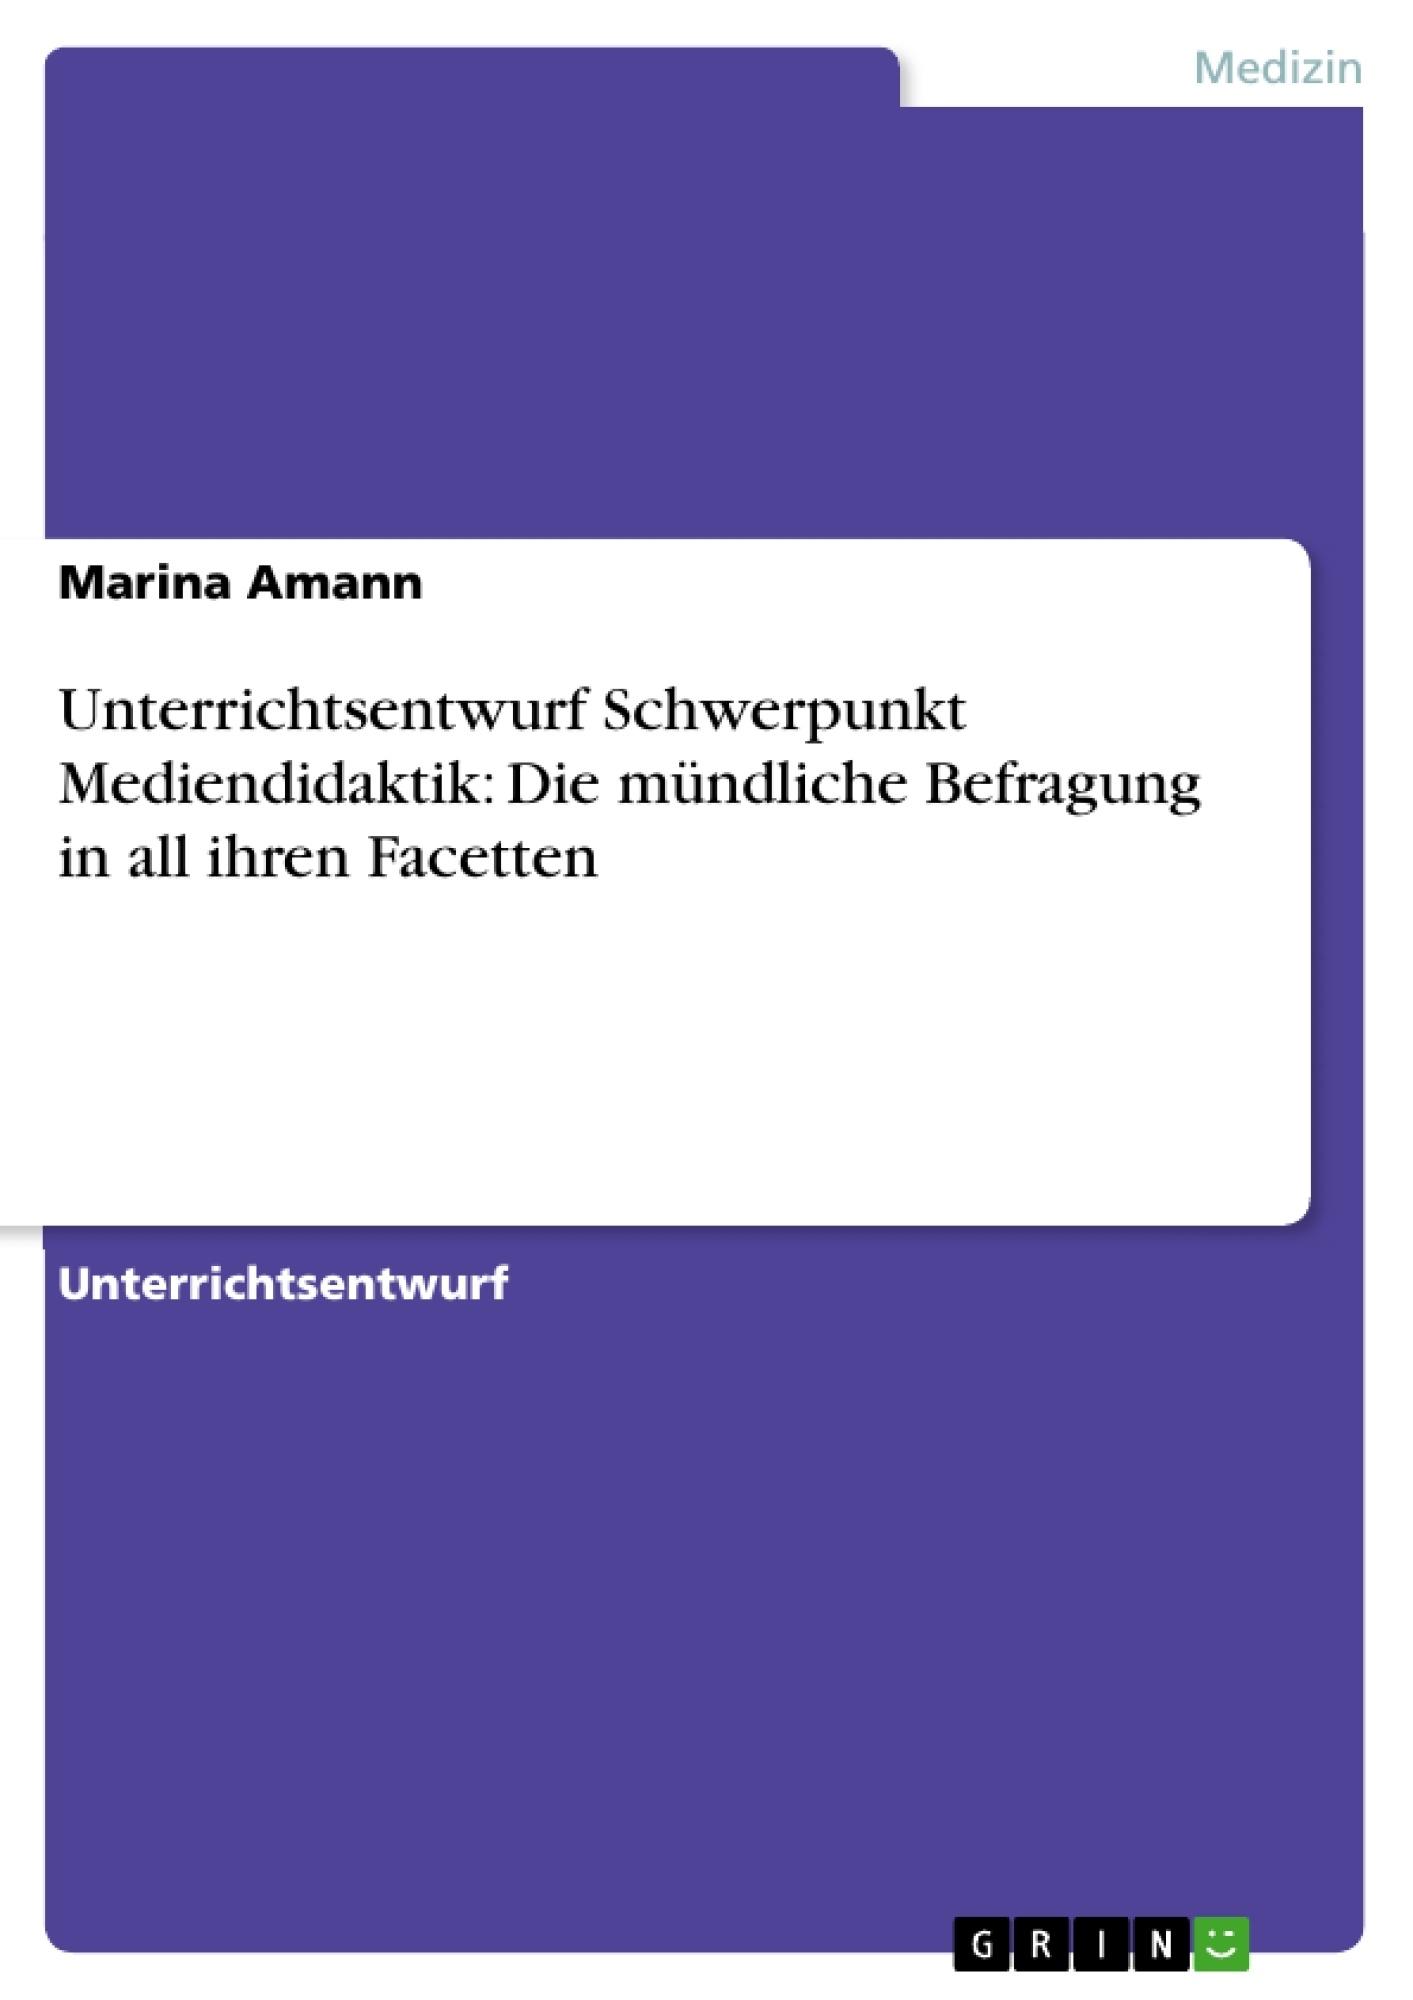 Titel: Unterrichtsentwurf Schwerpunkt Mediendidaktik: Die mündliche Befragung in all ihren Facetten